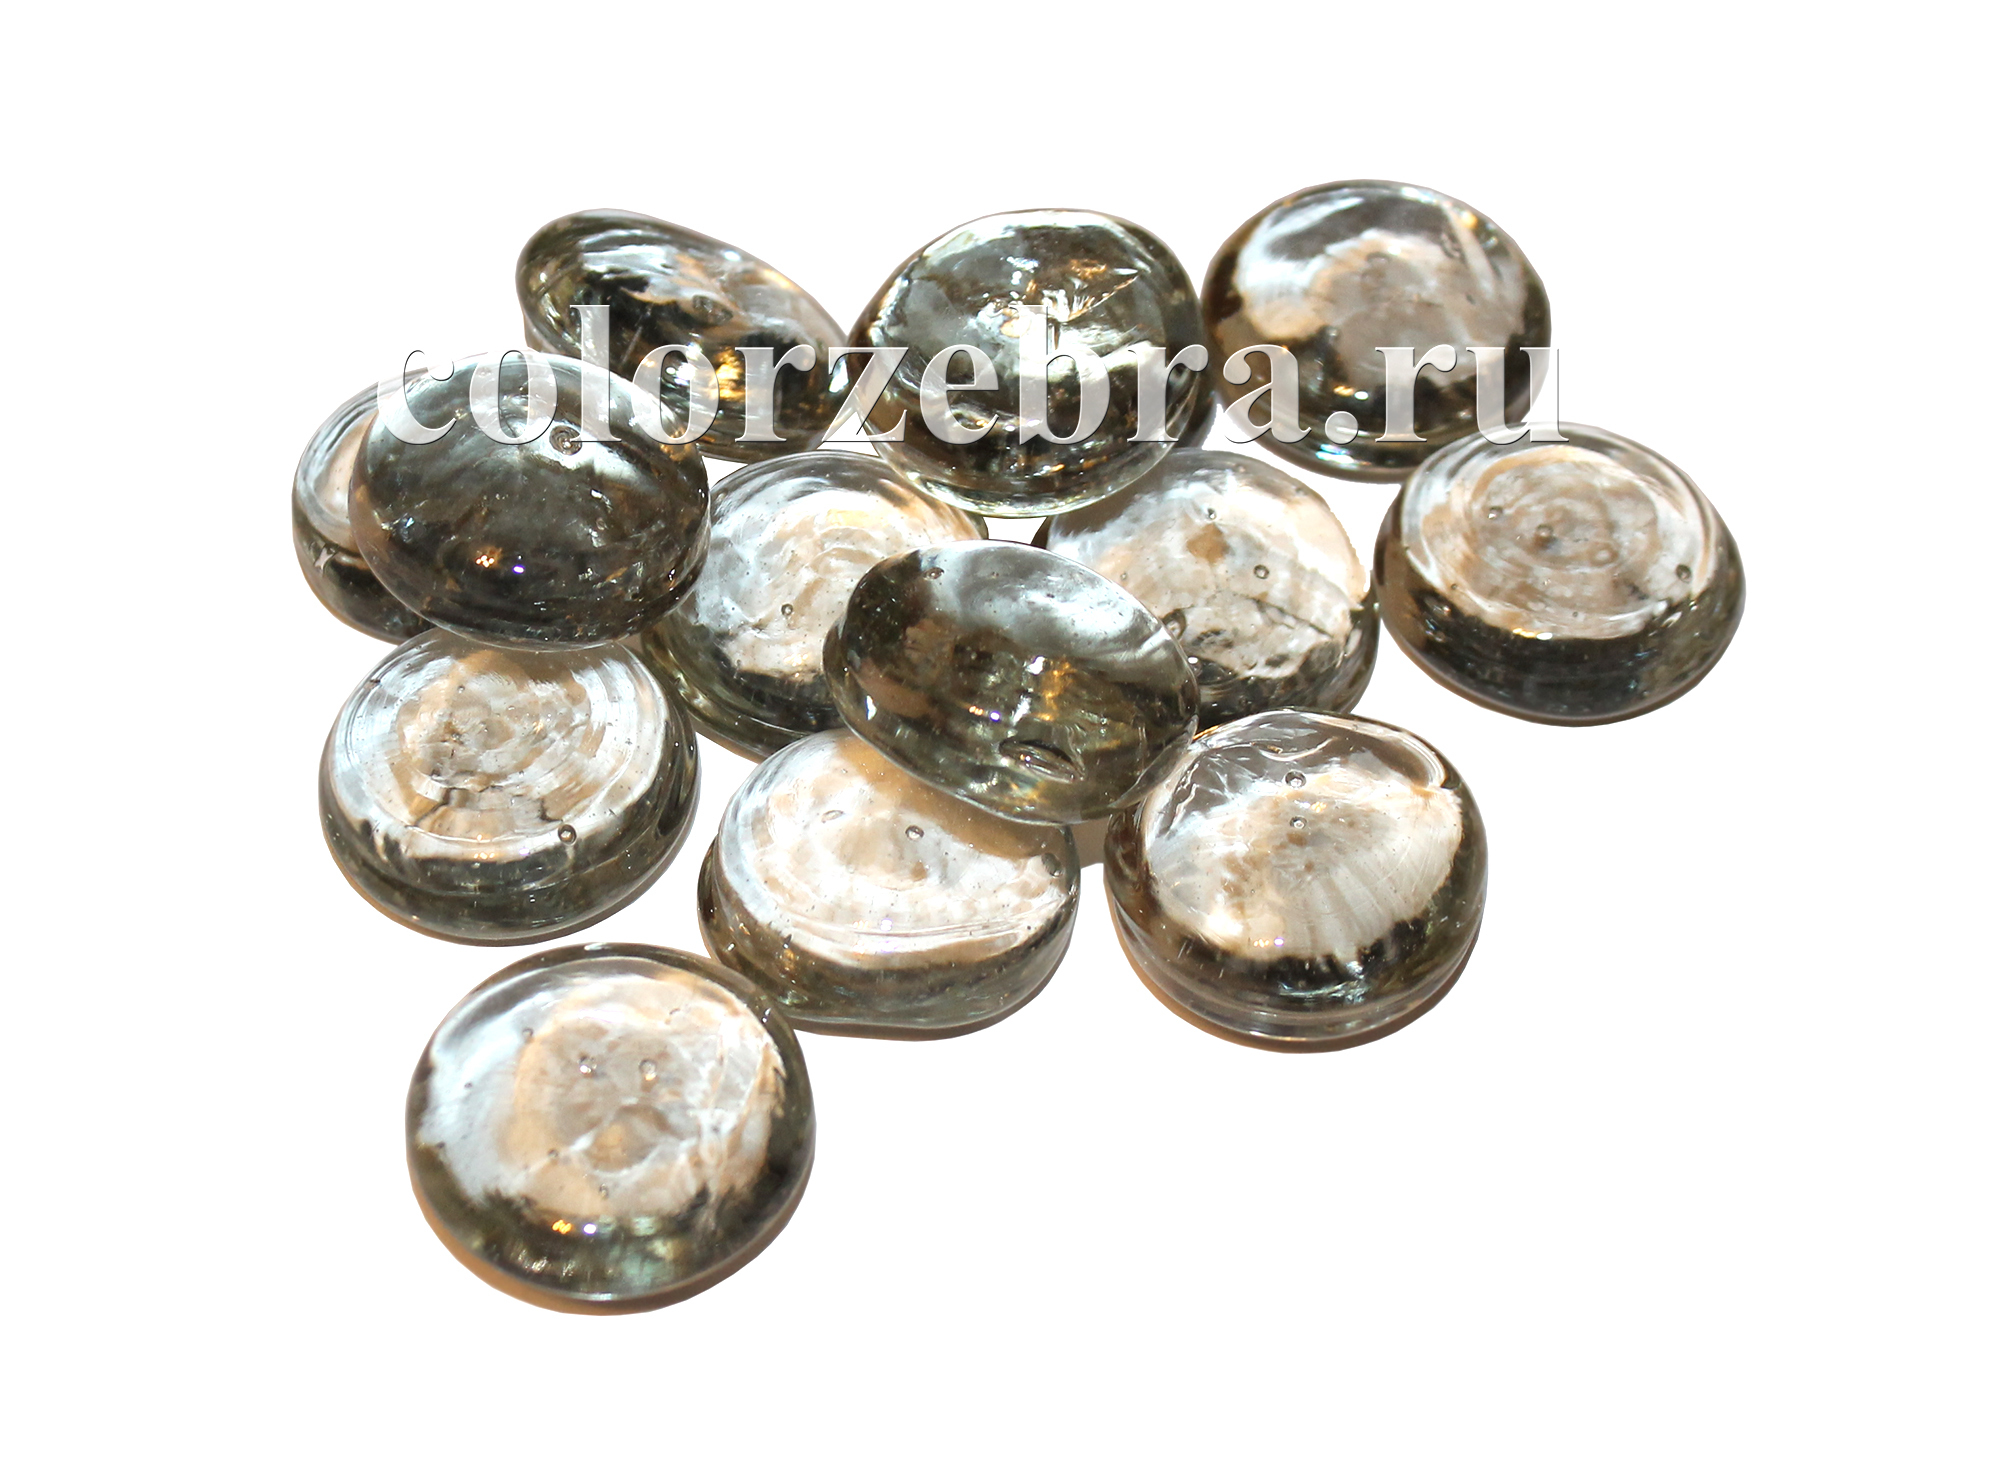 Стеклянные капли эльвинги прозрачные 3,5 см